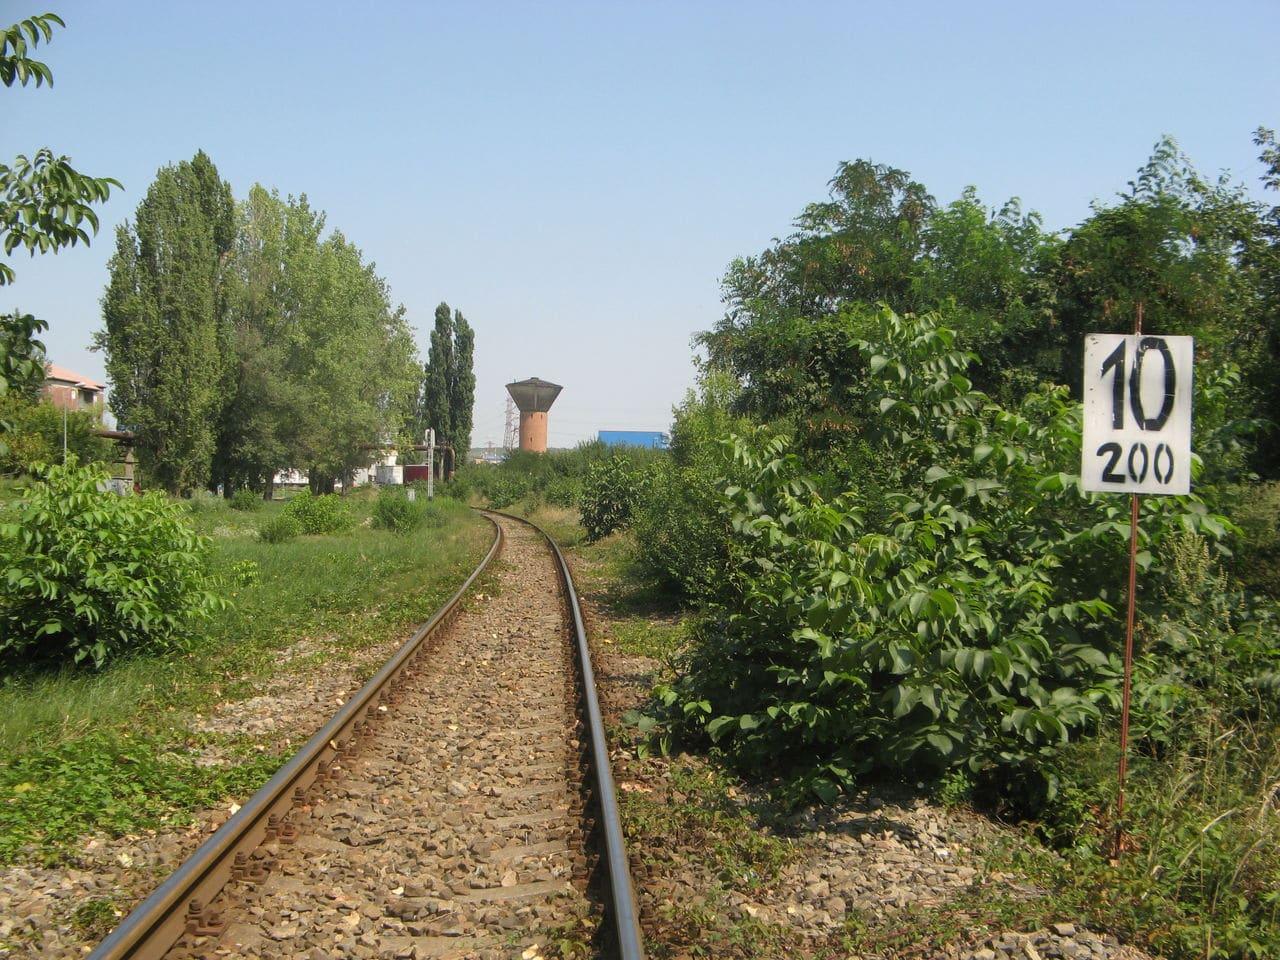 Calea ferată directă Oradea Vest - Episcopia Bihor IMG_0035